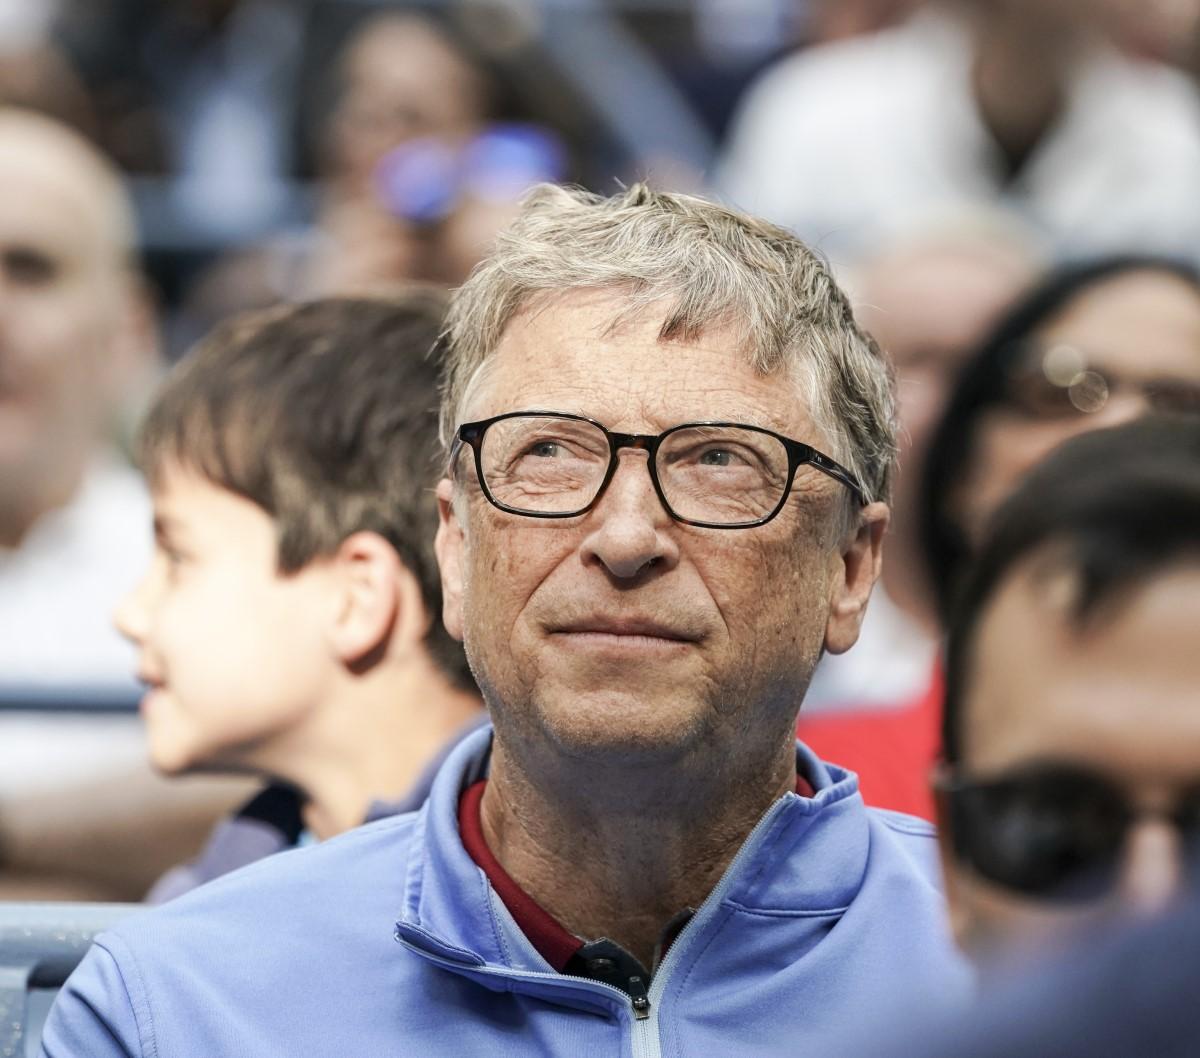 Bill Gates koronavirusari buruzko bere pentsamenduak ditu.  Gida bat argitaratu zuen